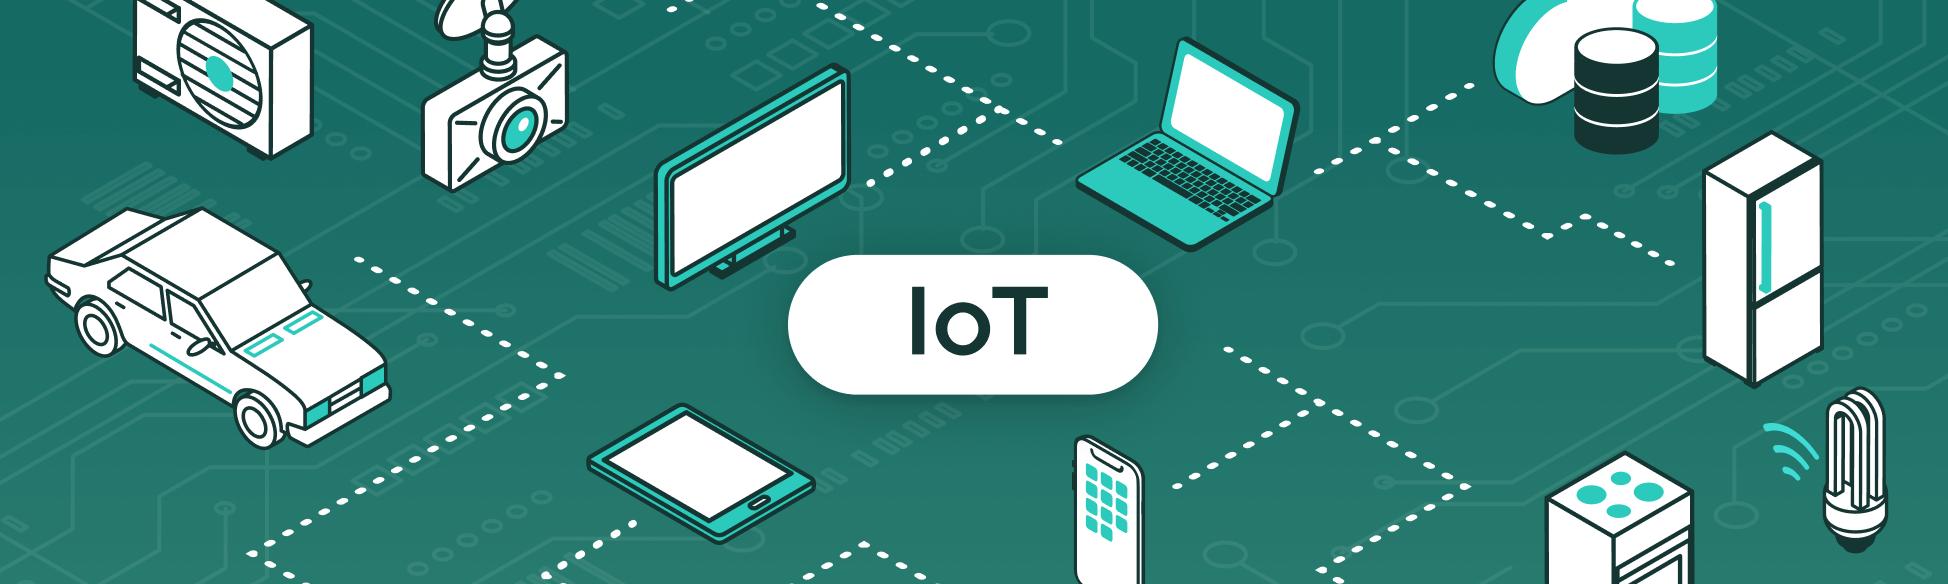 """既存事業・サービスにおけるIoT×移動データの活用を後押しする """"Mobility Data Platform"""""""